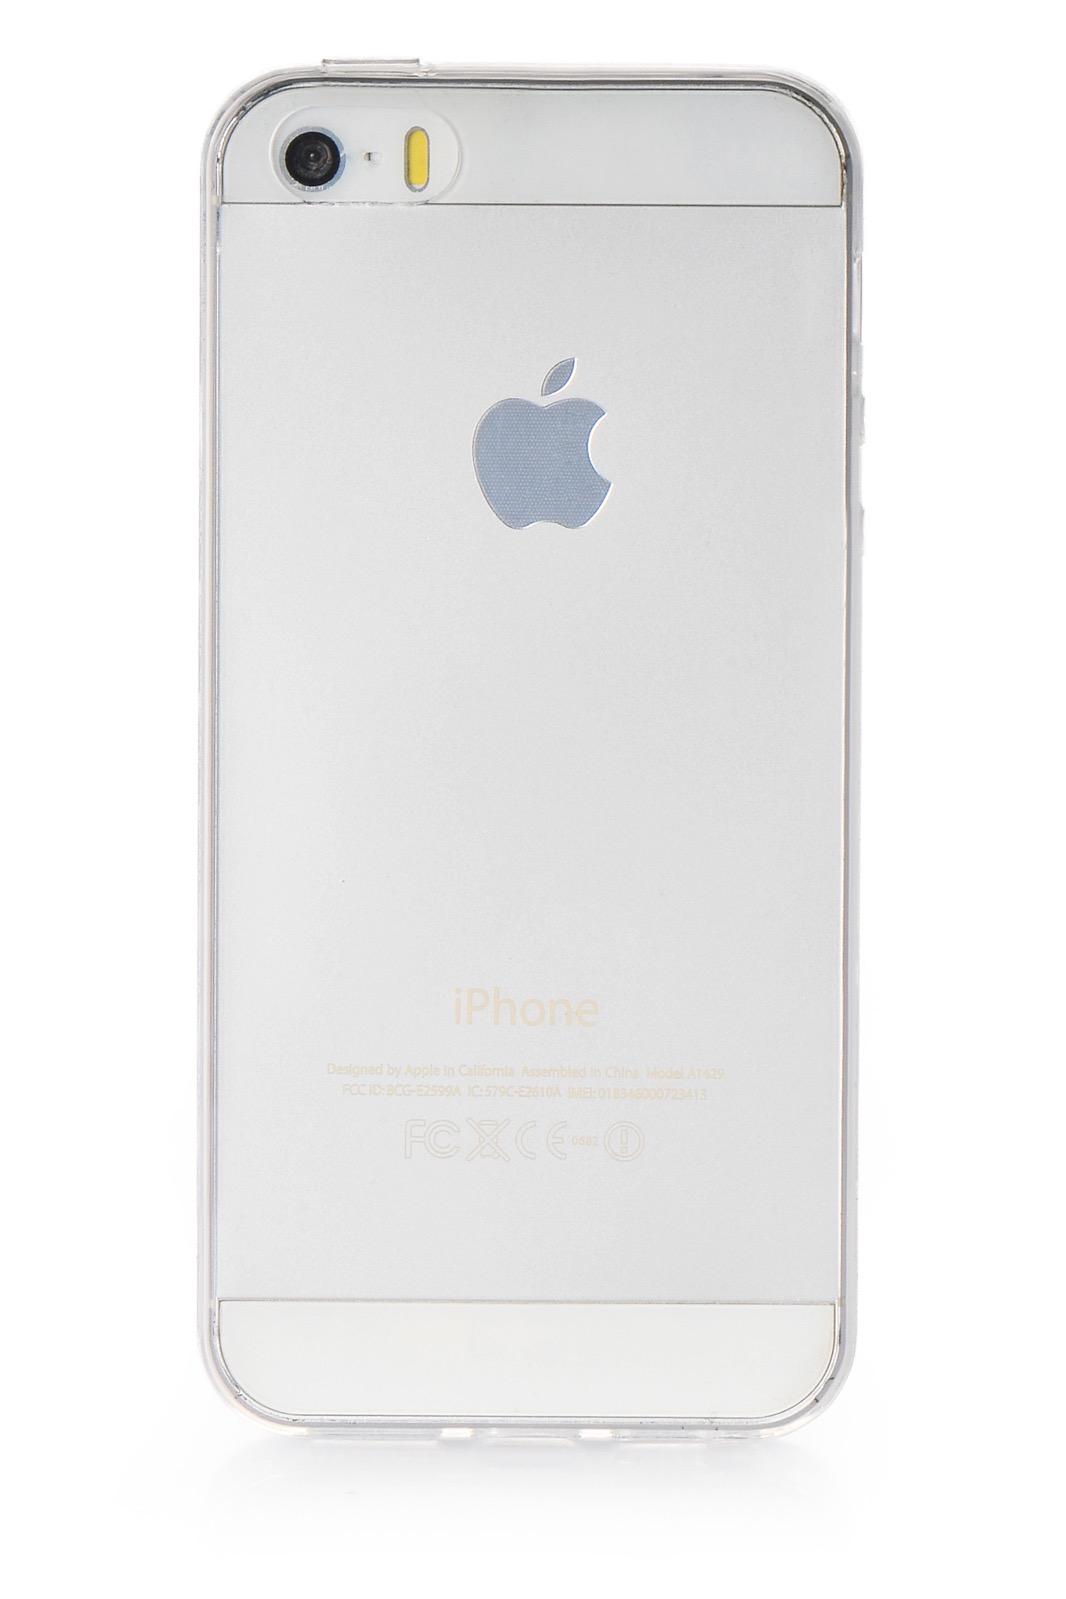 Чехол для сотового телефона iNeez накладка силикон ультратонкий для Apple iPhone 5/5S/SE, прозрачный